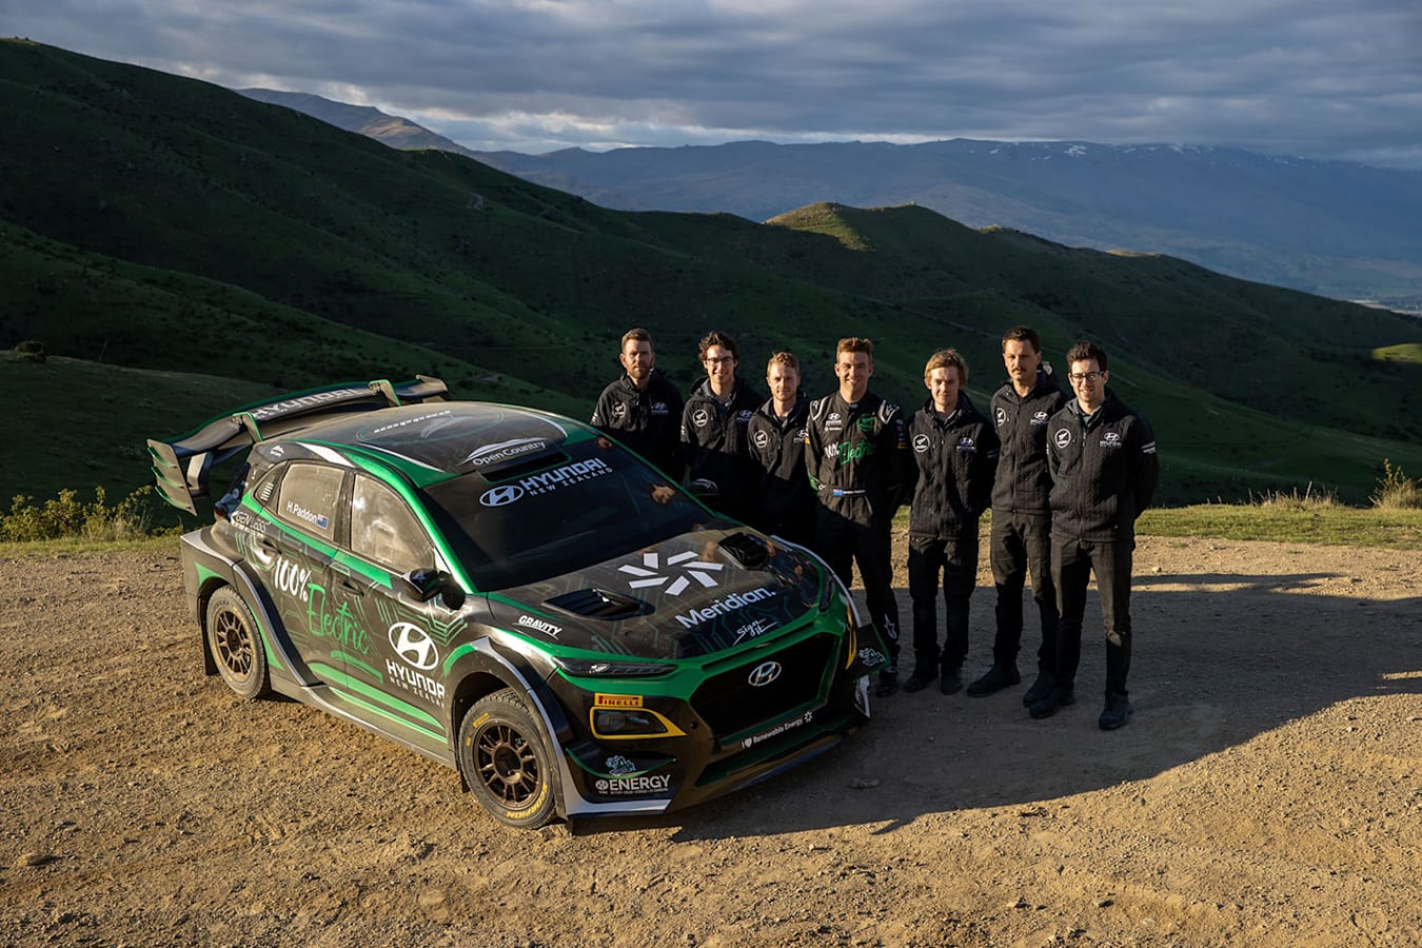 Padden Rallysport team